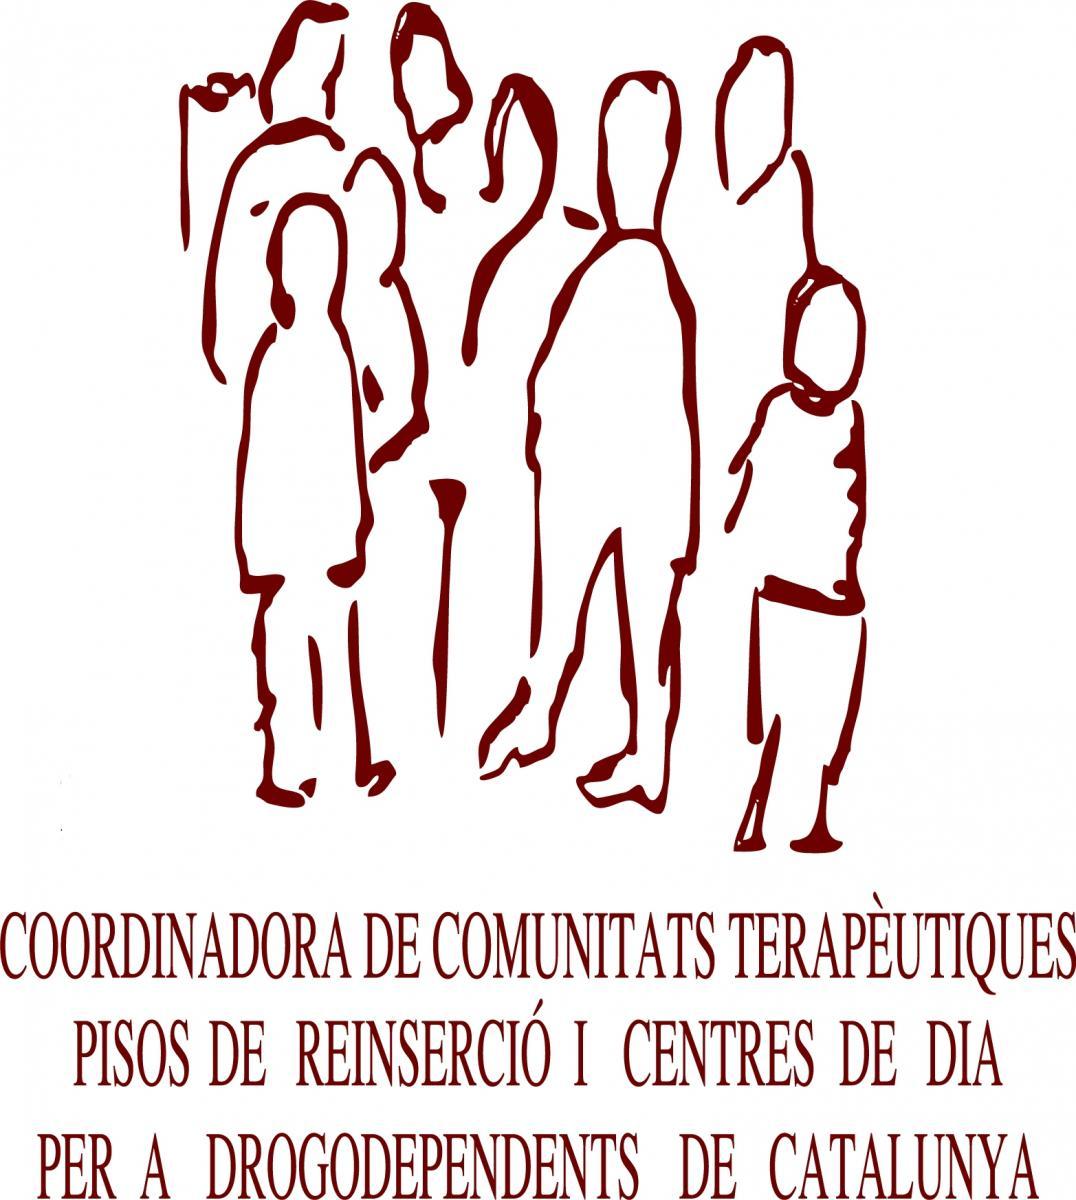 coordinadora_comunitats_terapeutiques_jpg